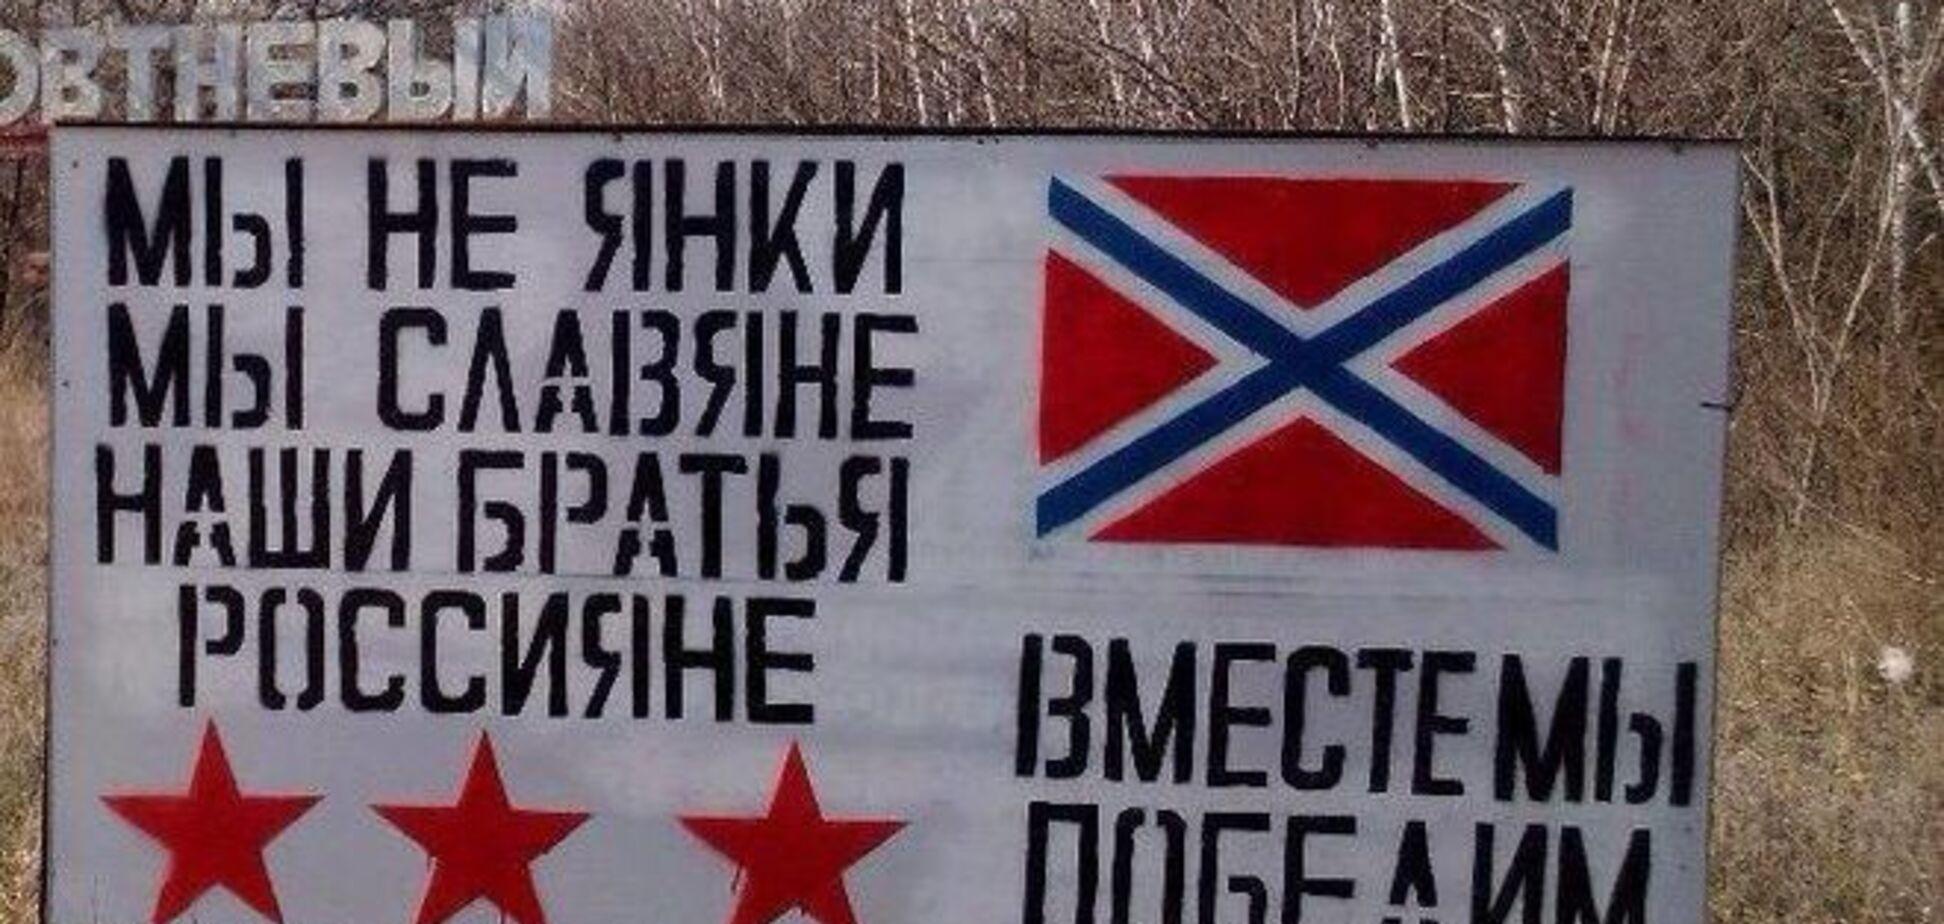 'Ми не янкі, ми - слов'яни': в 'ЛНР' намагаються виправдатися за незрозумілий прапор - фотофакт